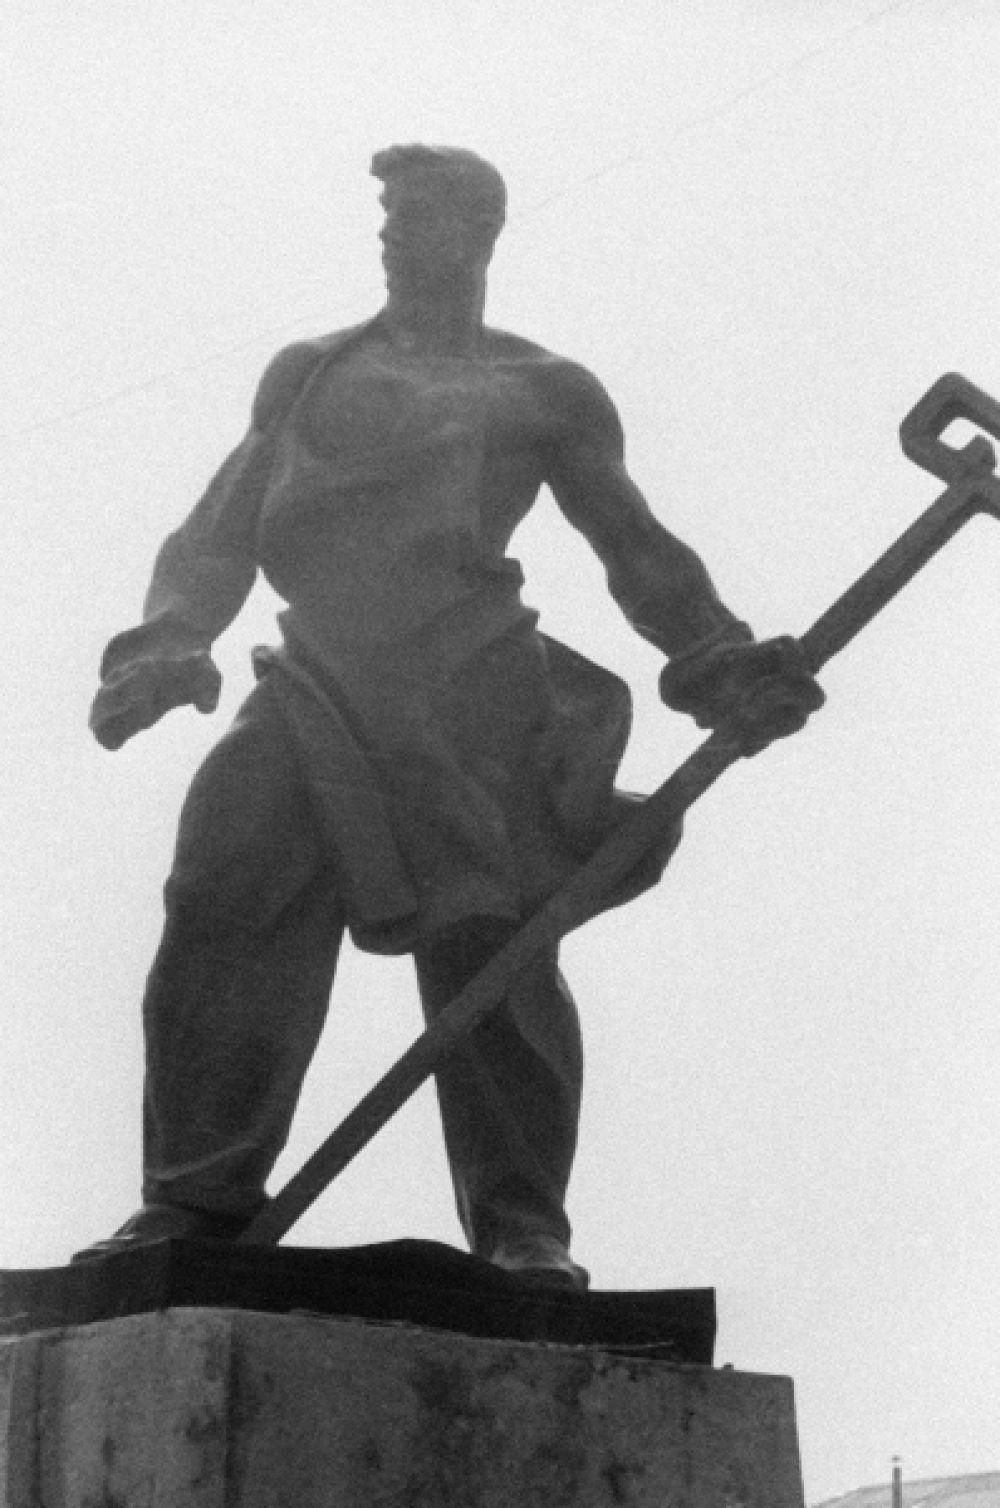 Ещё одной монументальной скульптурой в области соцреализма является памятник «Сталевар», установленный в Магнитогорске.